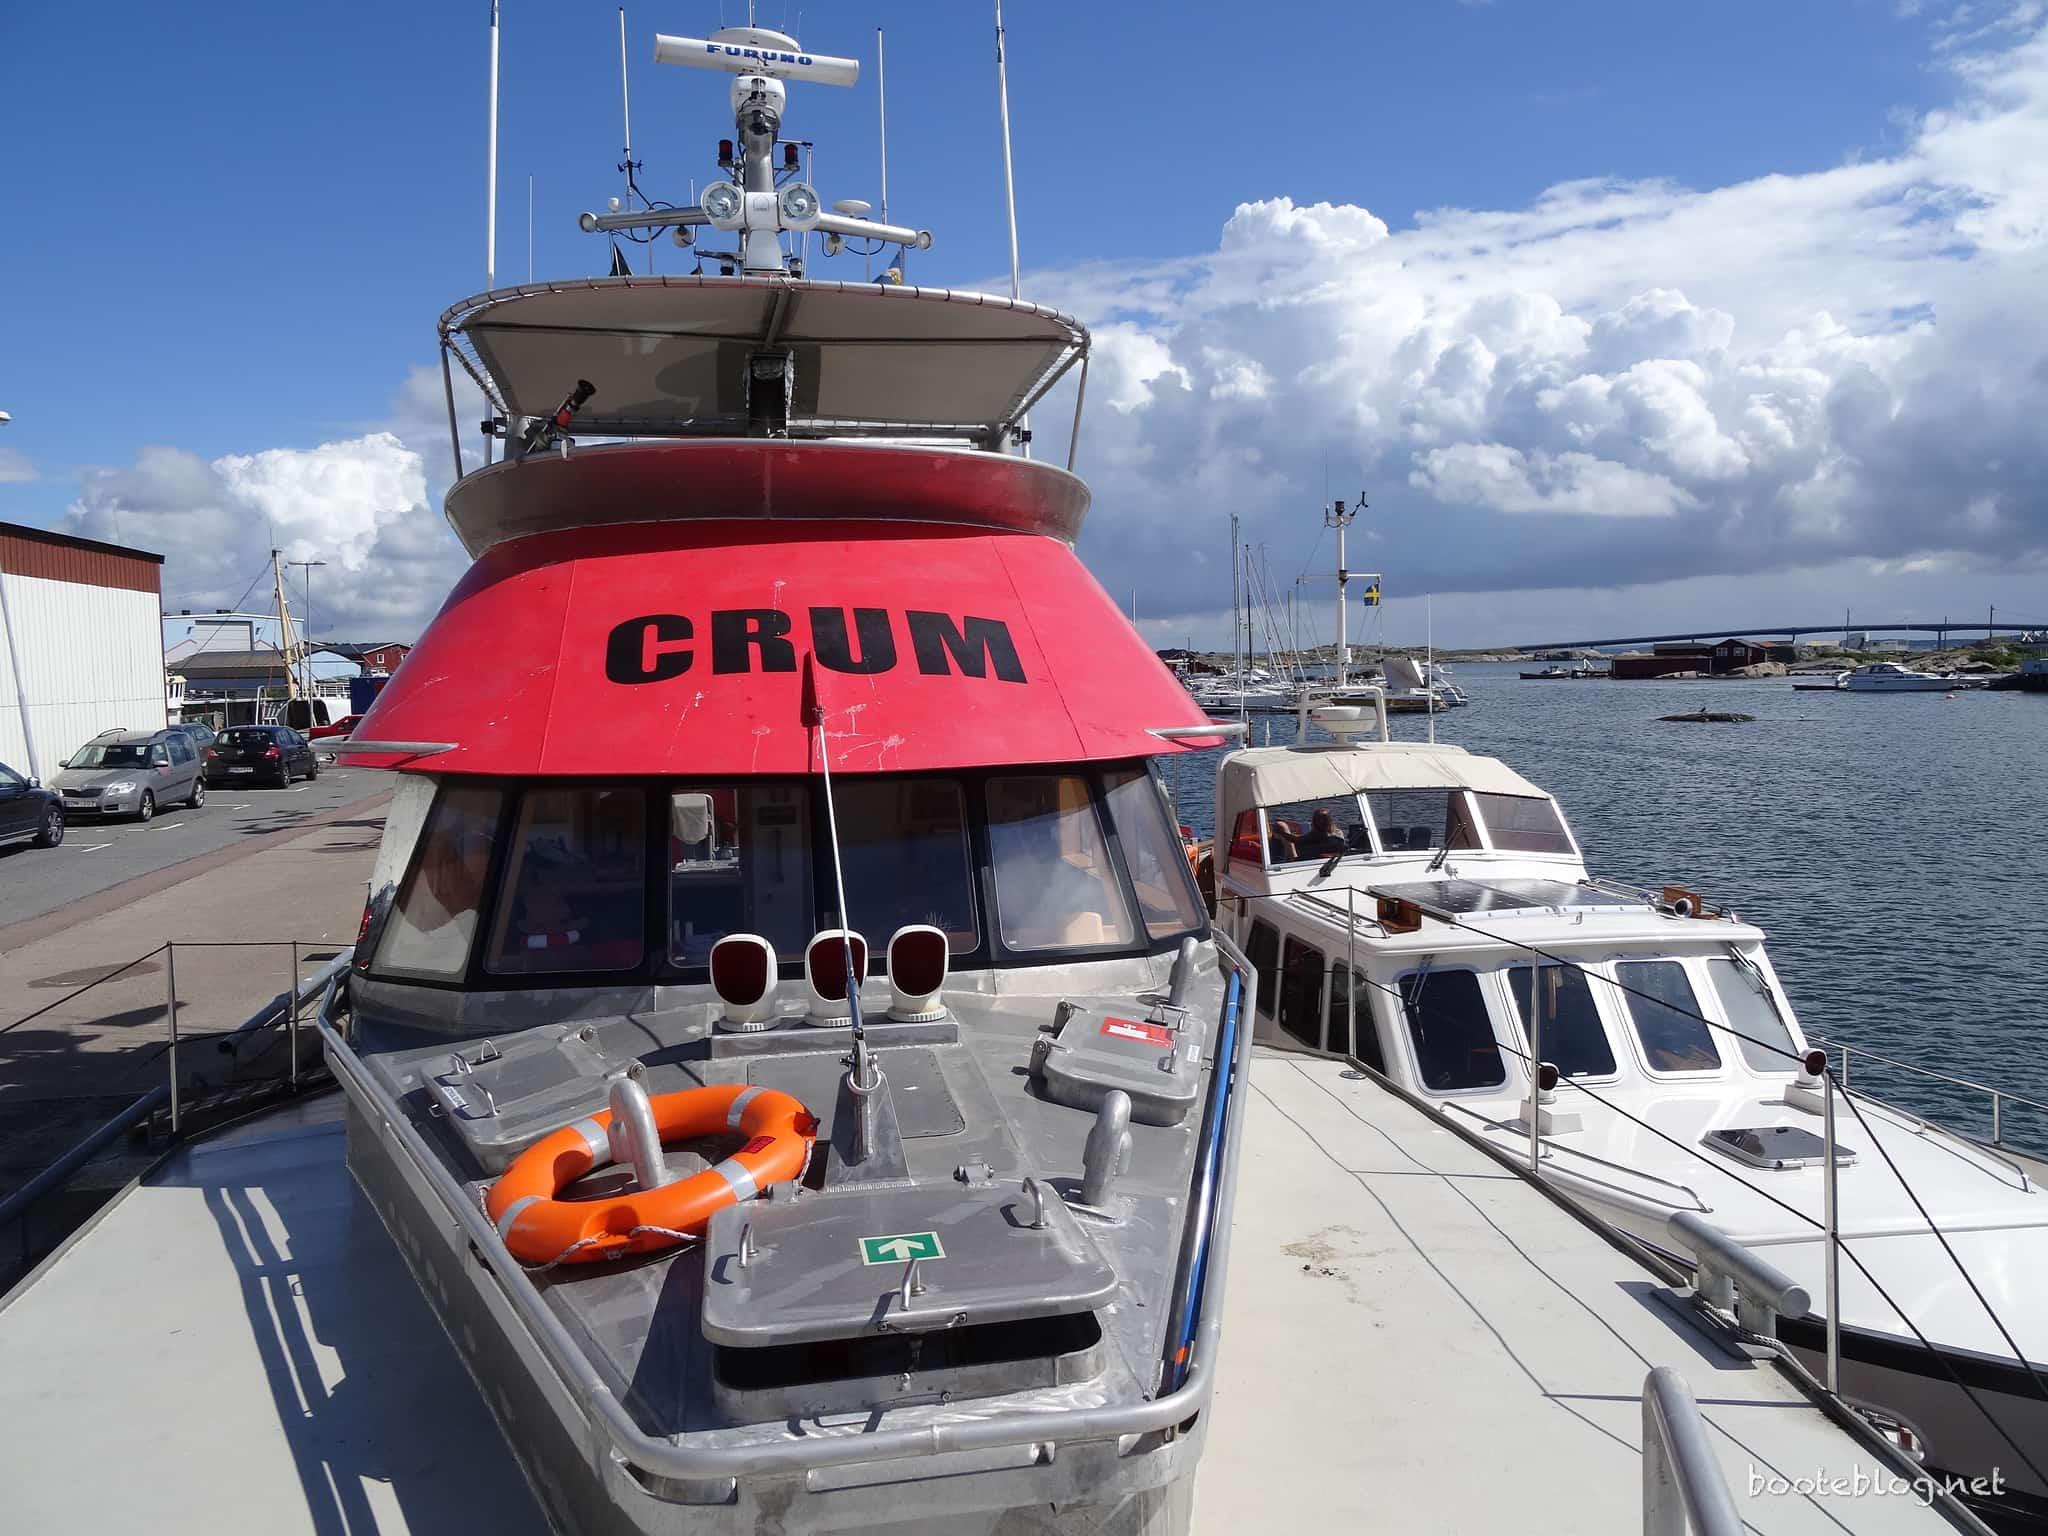 M/V CRUM: Ein Schiff für Bedingungen, die kaum vorstellbar sind.